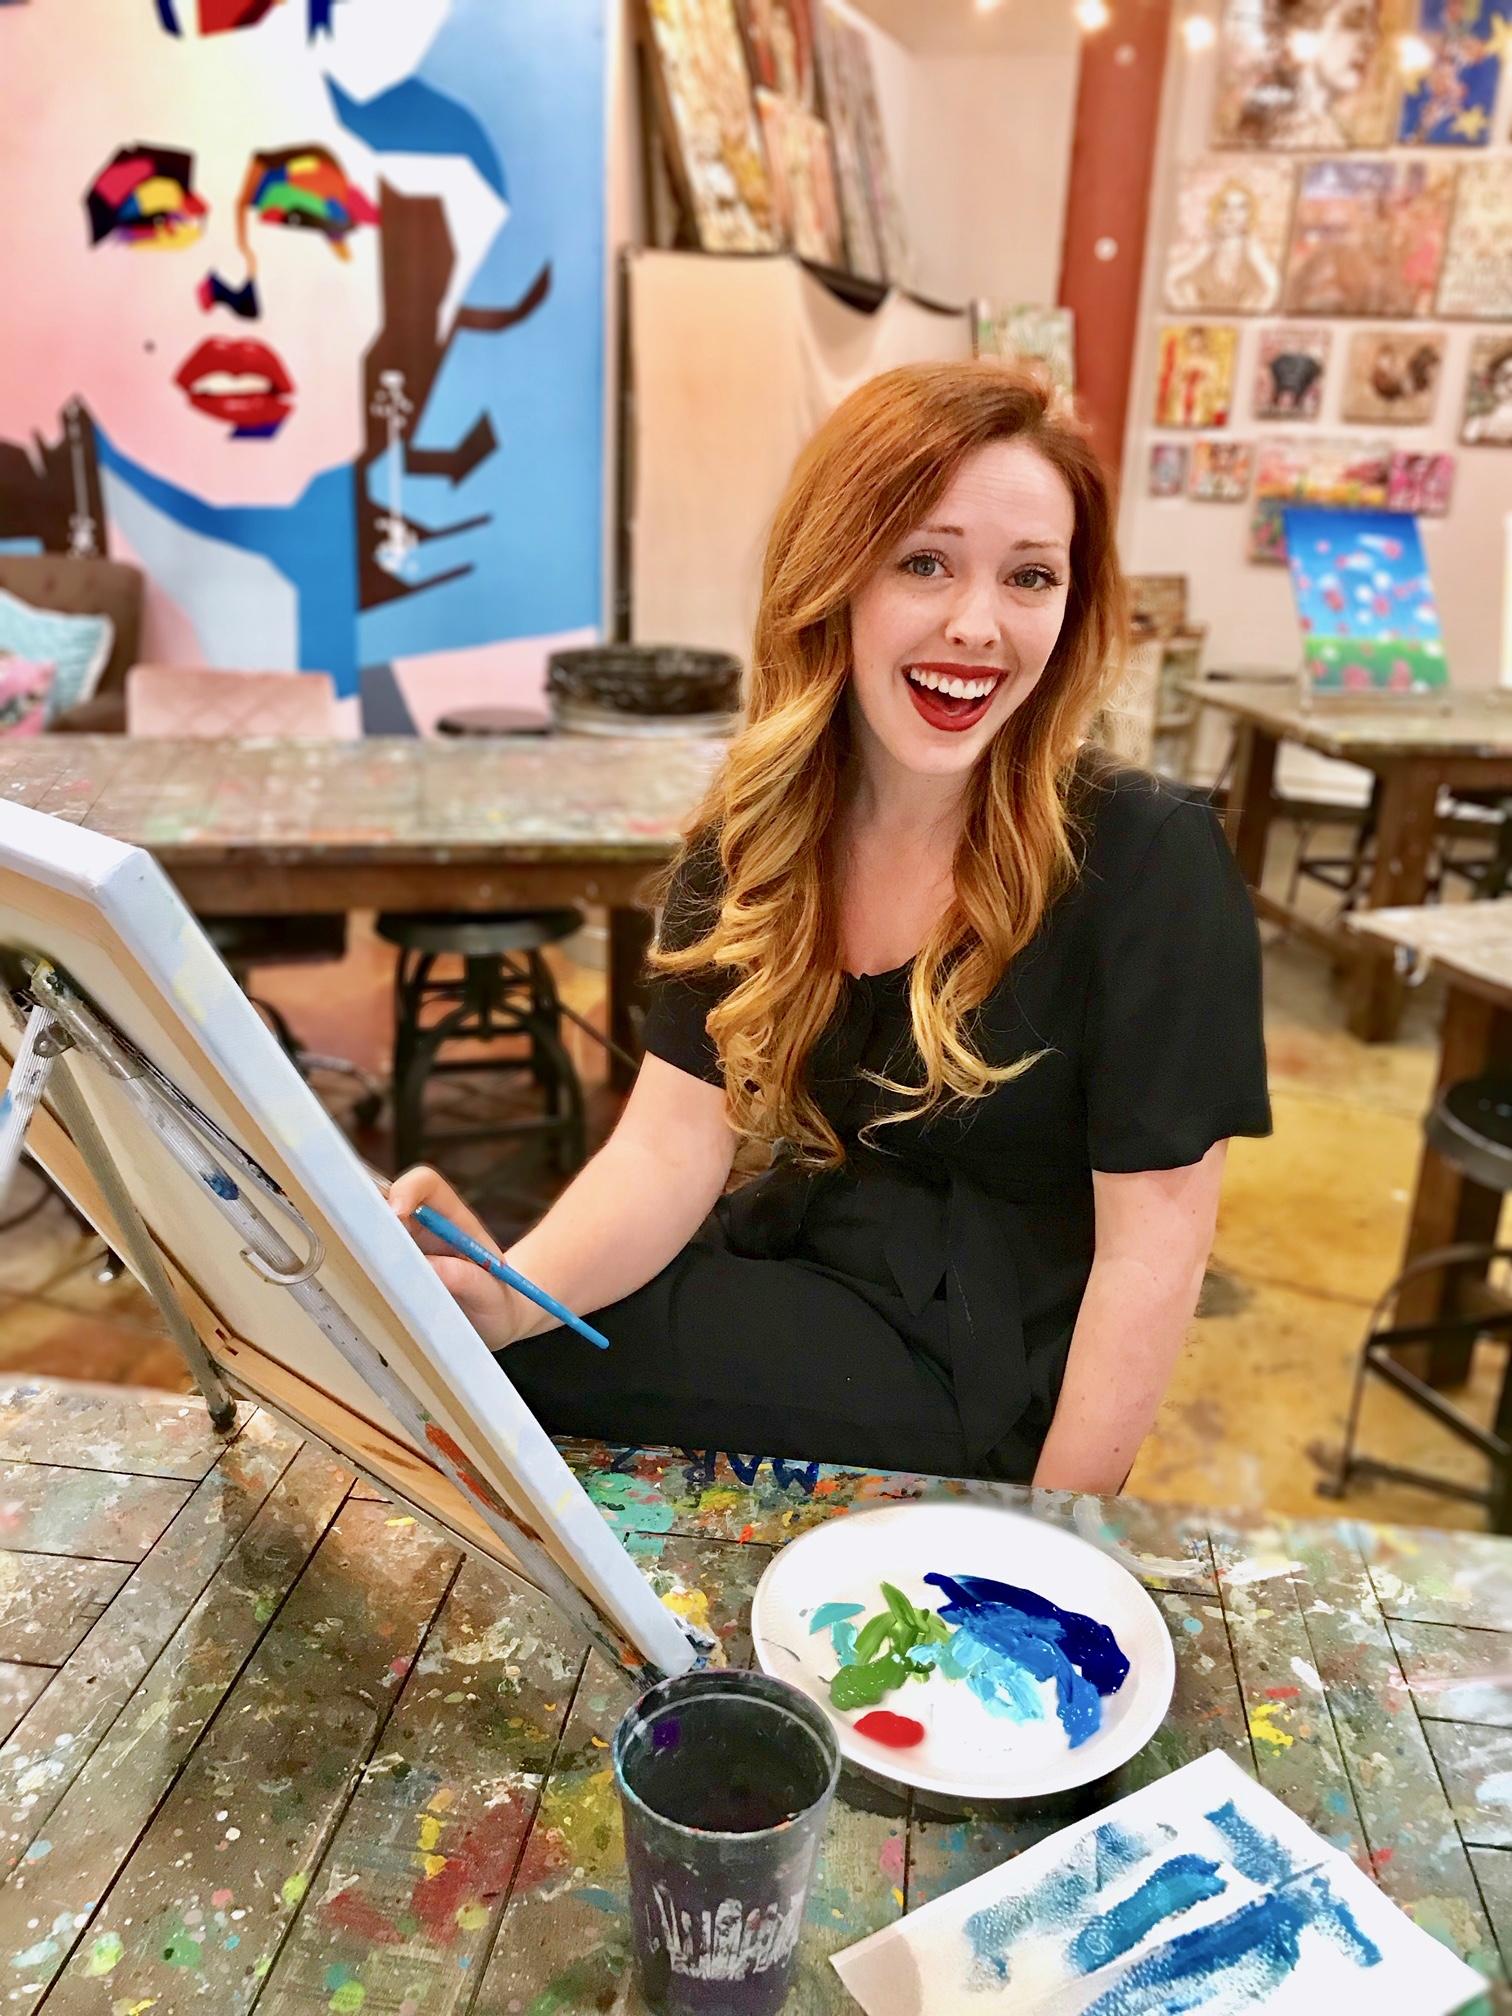 Chloe Saunders